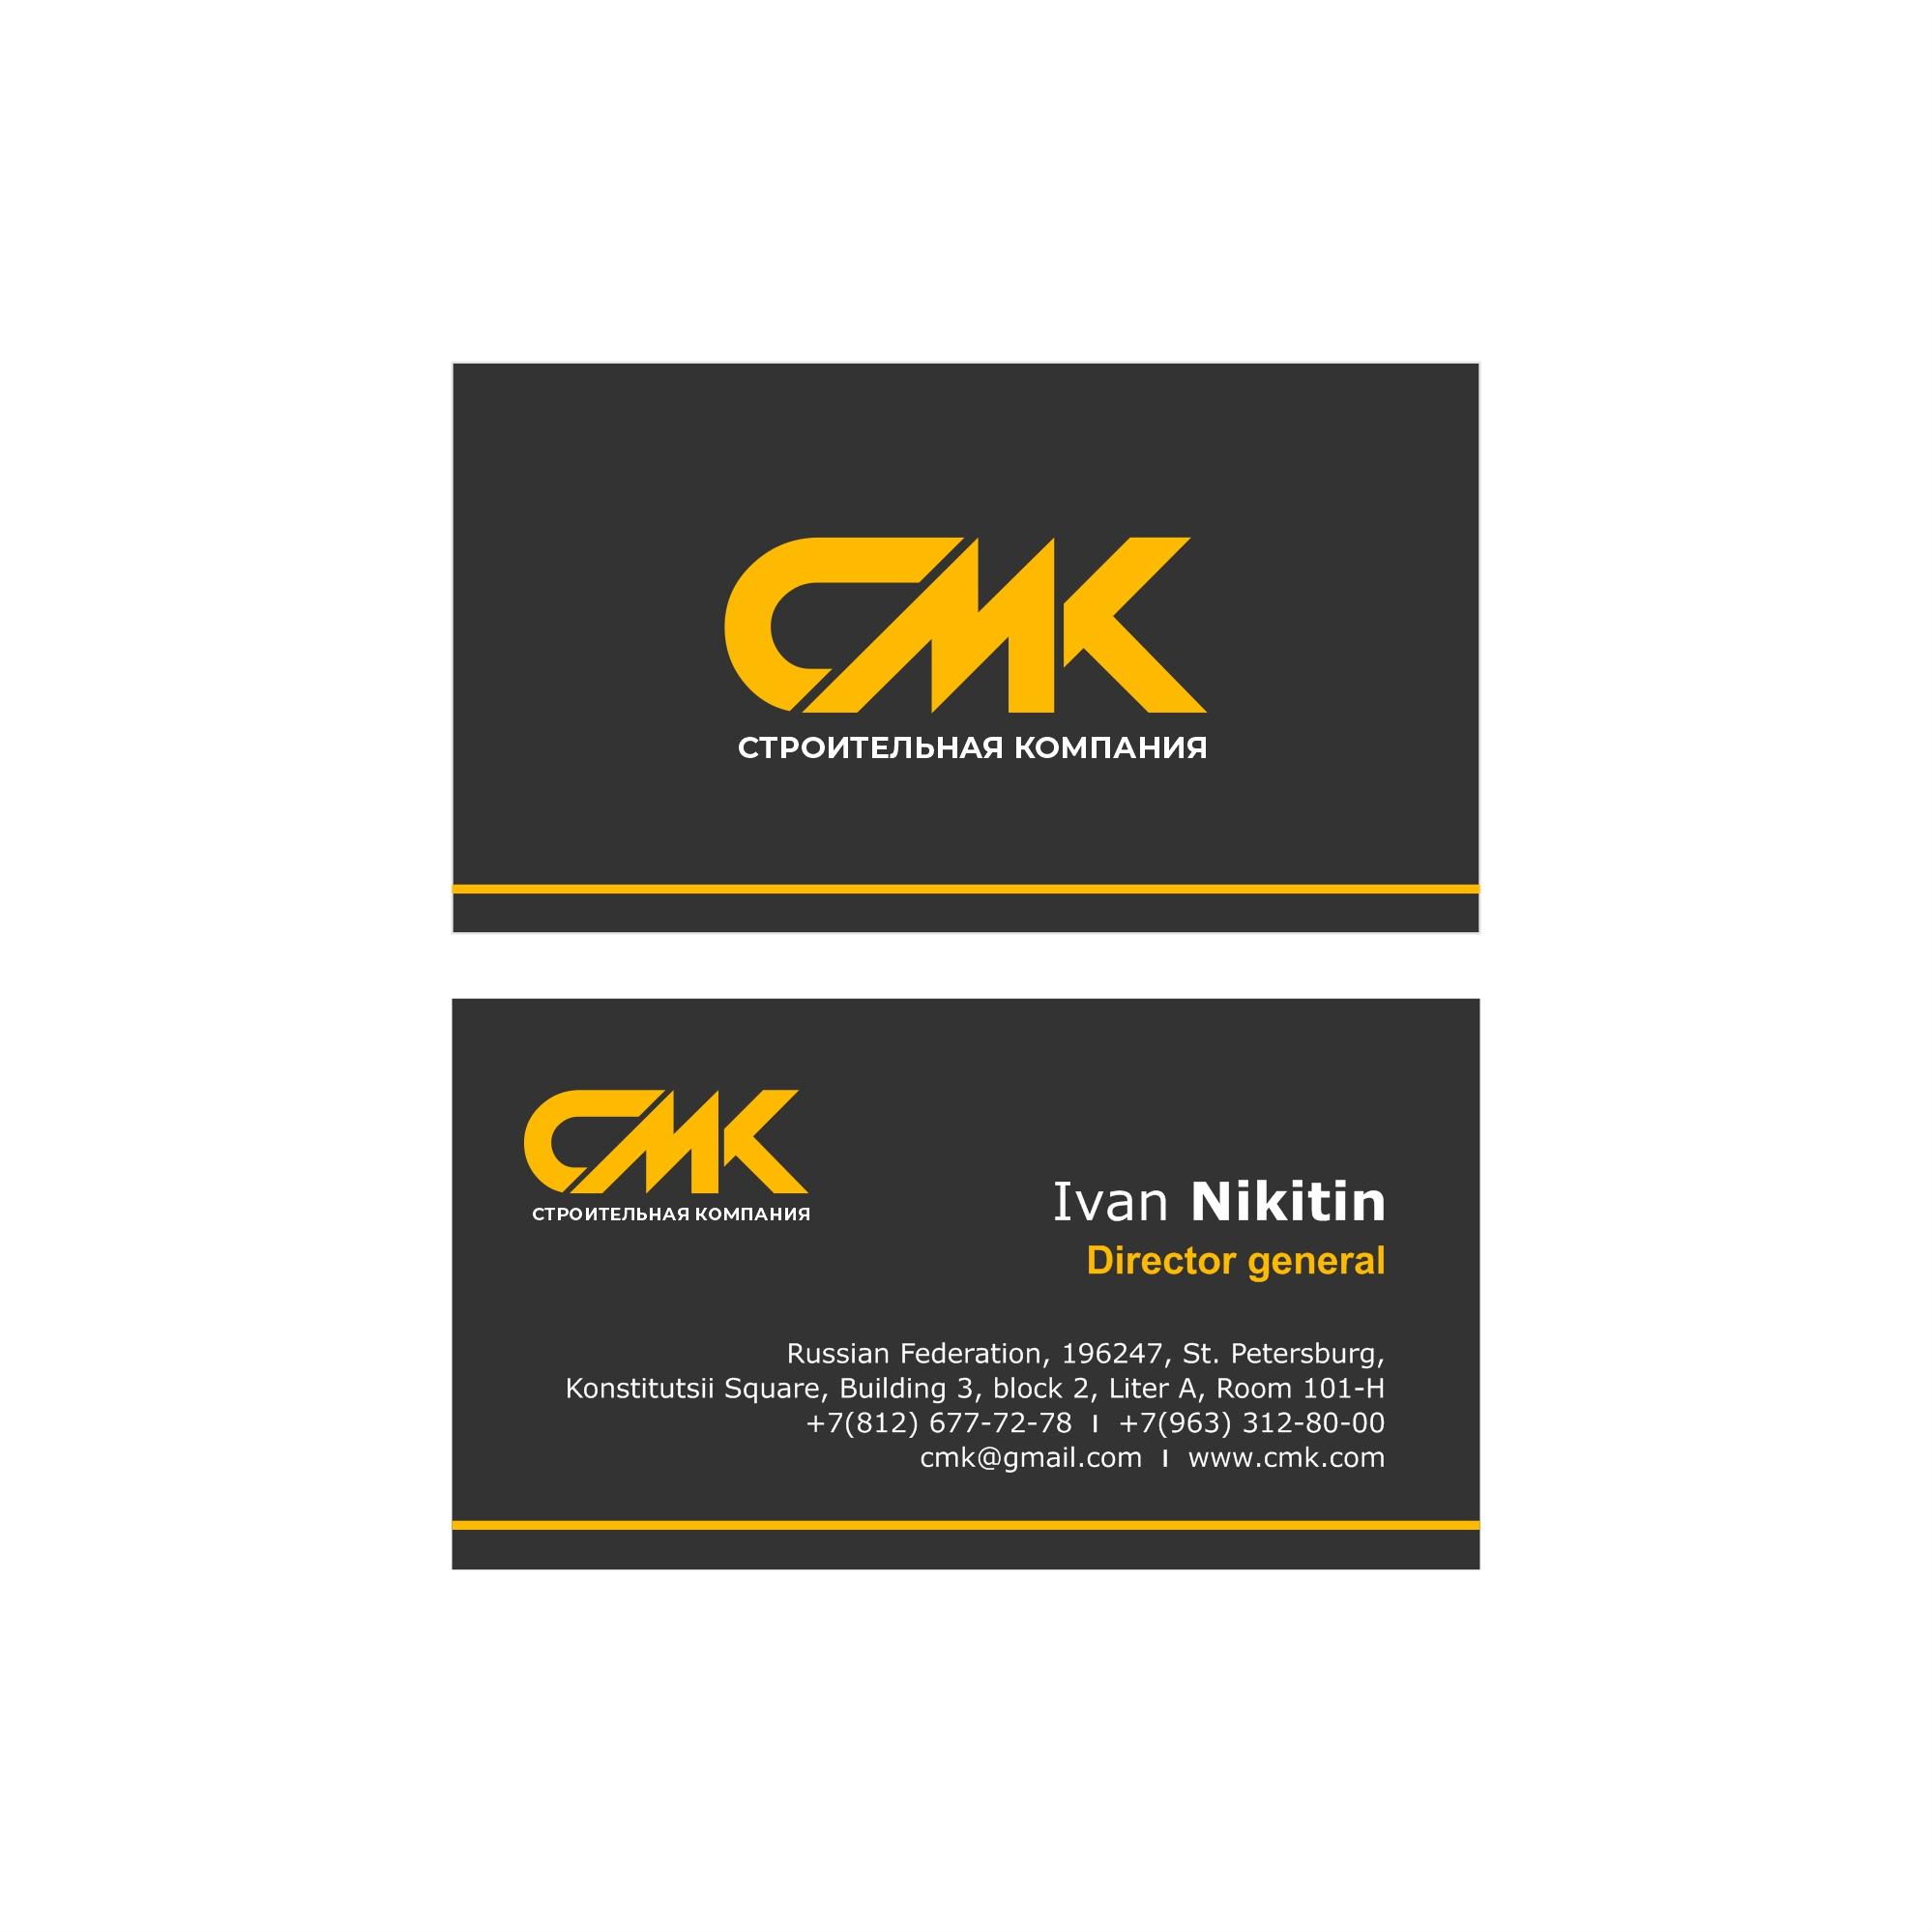 Разработка логотипа компании фото f_8305de11911aabe9.jpg